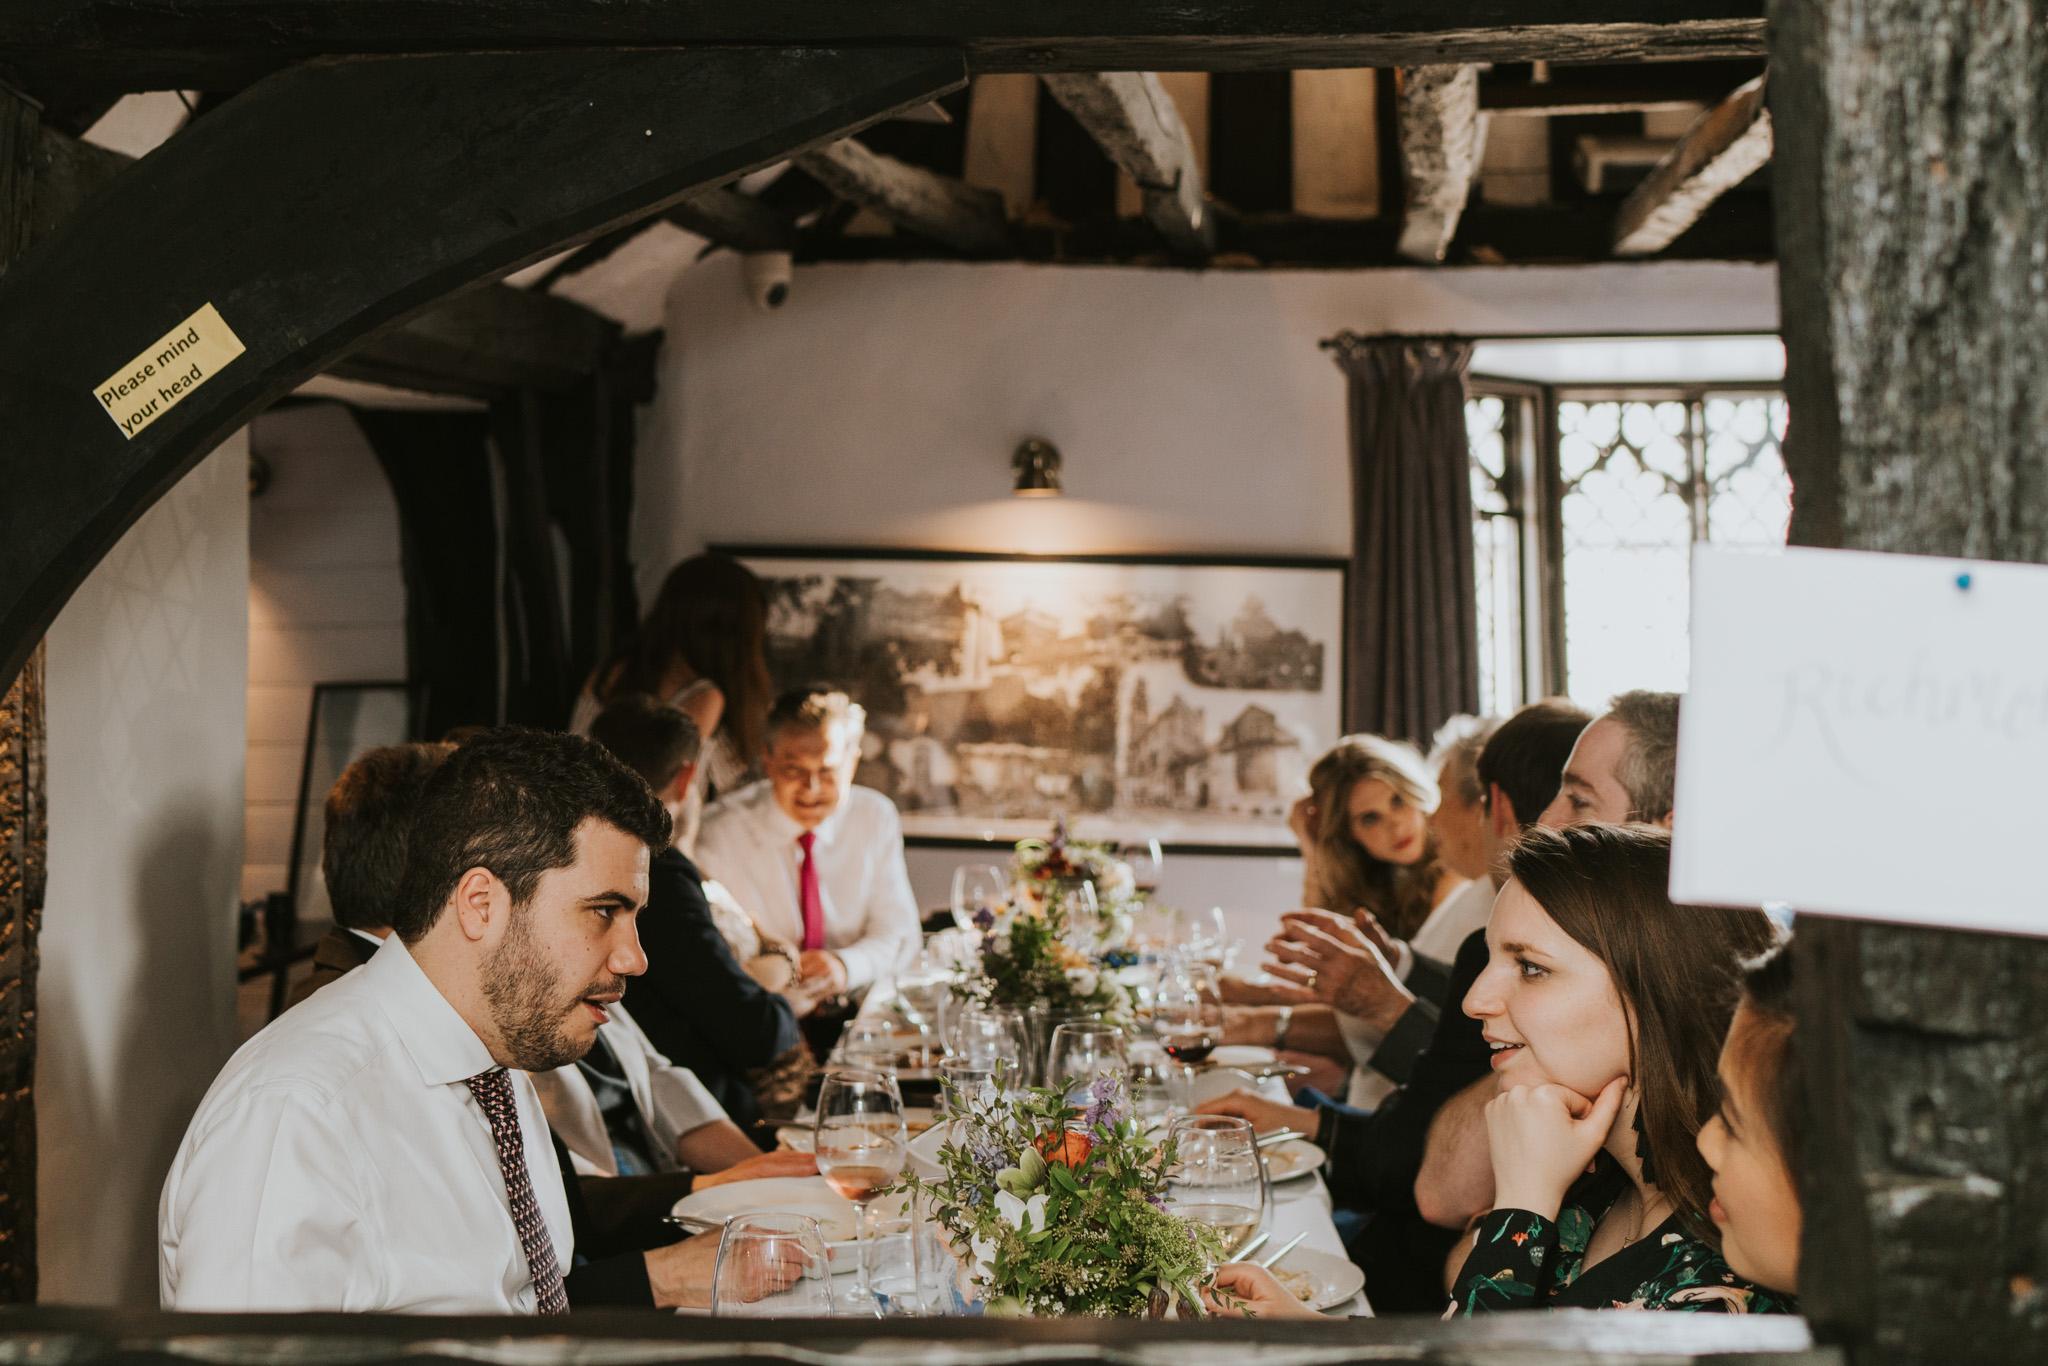 Will-Rhiannon-Art-Deco-Alterative-Essex-Wedding-Suffolk-Grace-Elizabeth-73.jpg